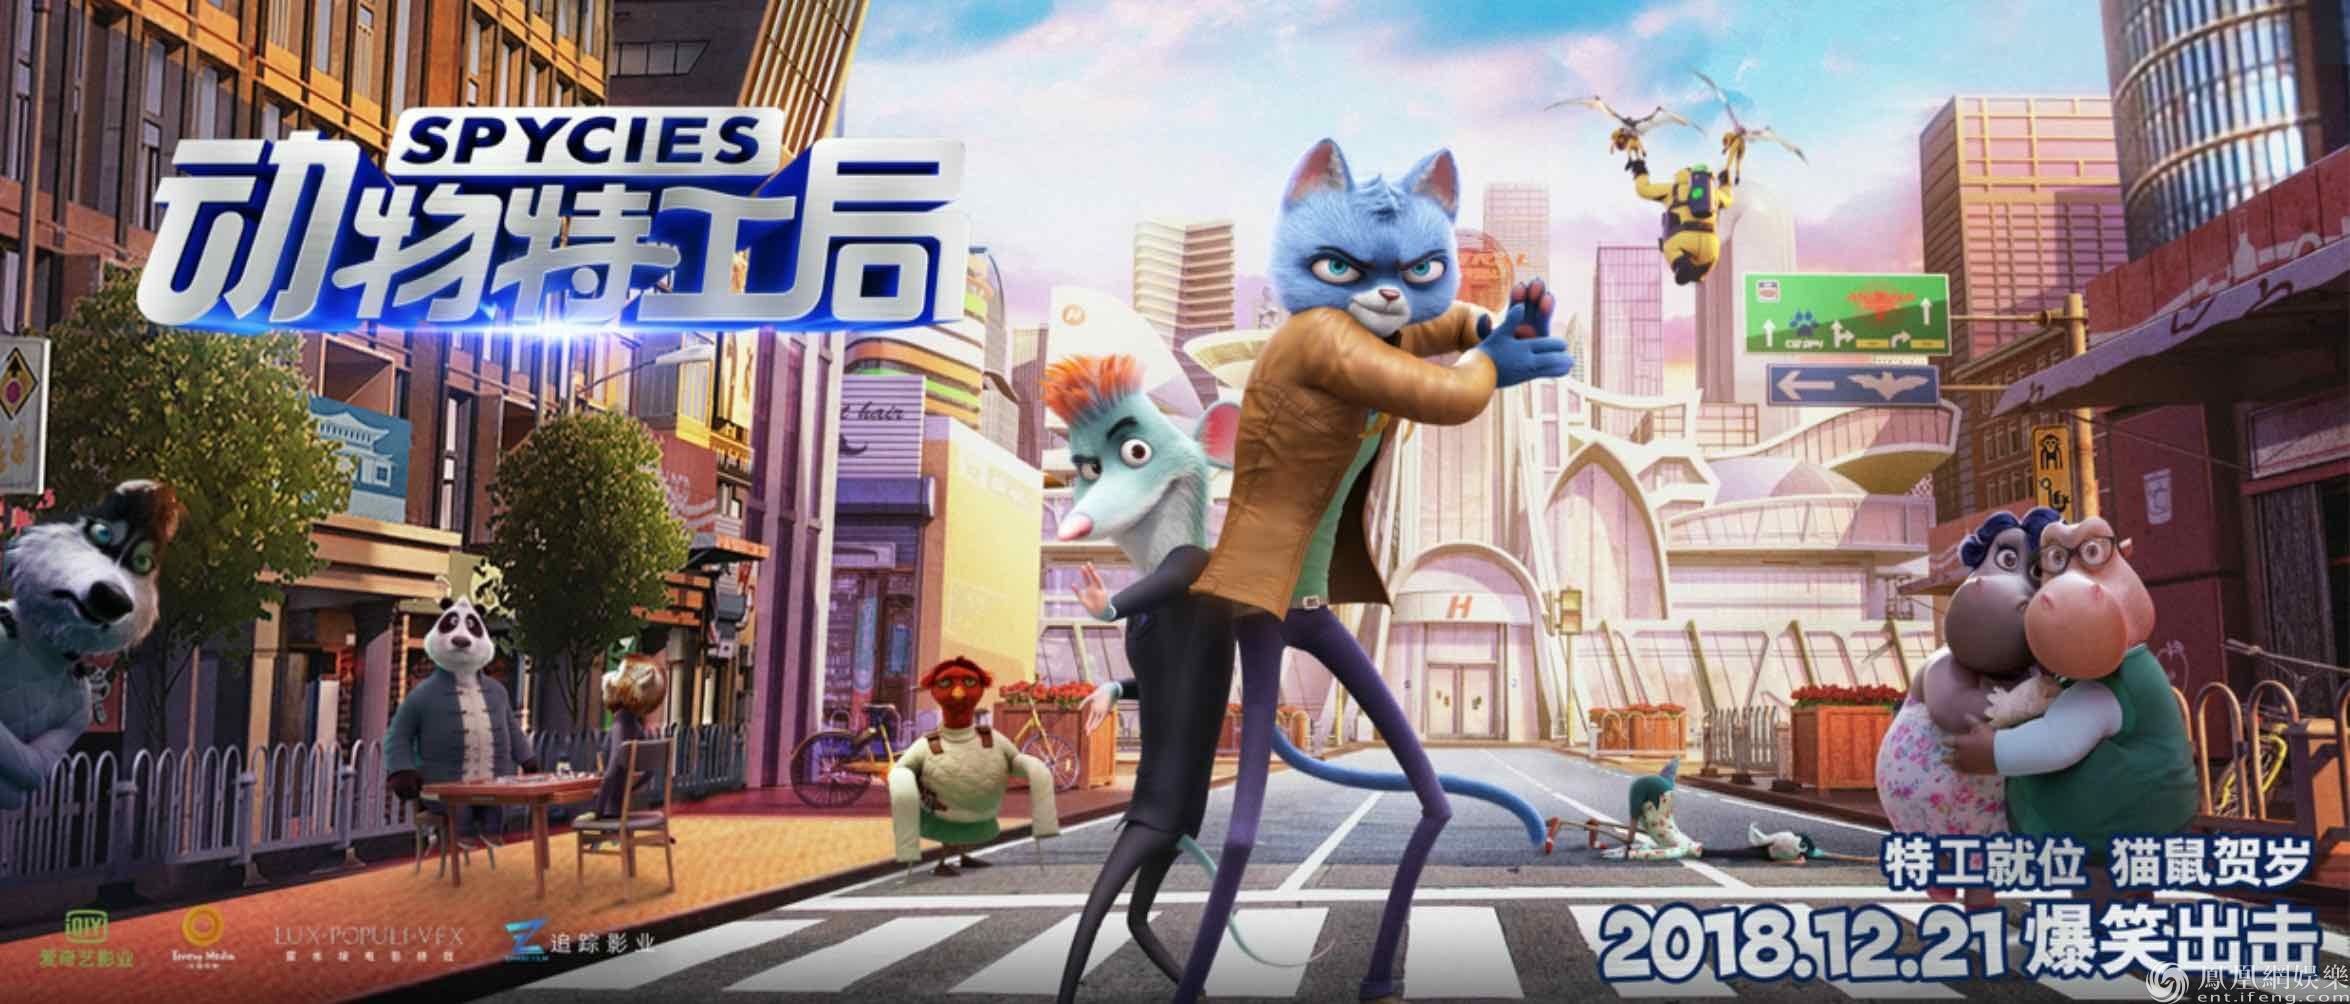 猫鼠搭档齐贺岁 最欢乐动画《动物特工局》定档12.21